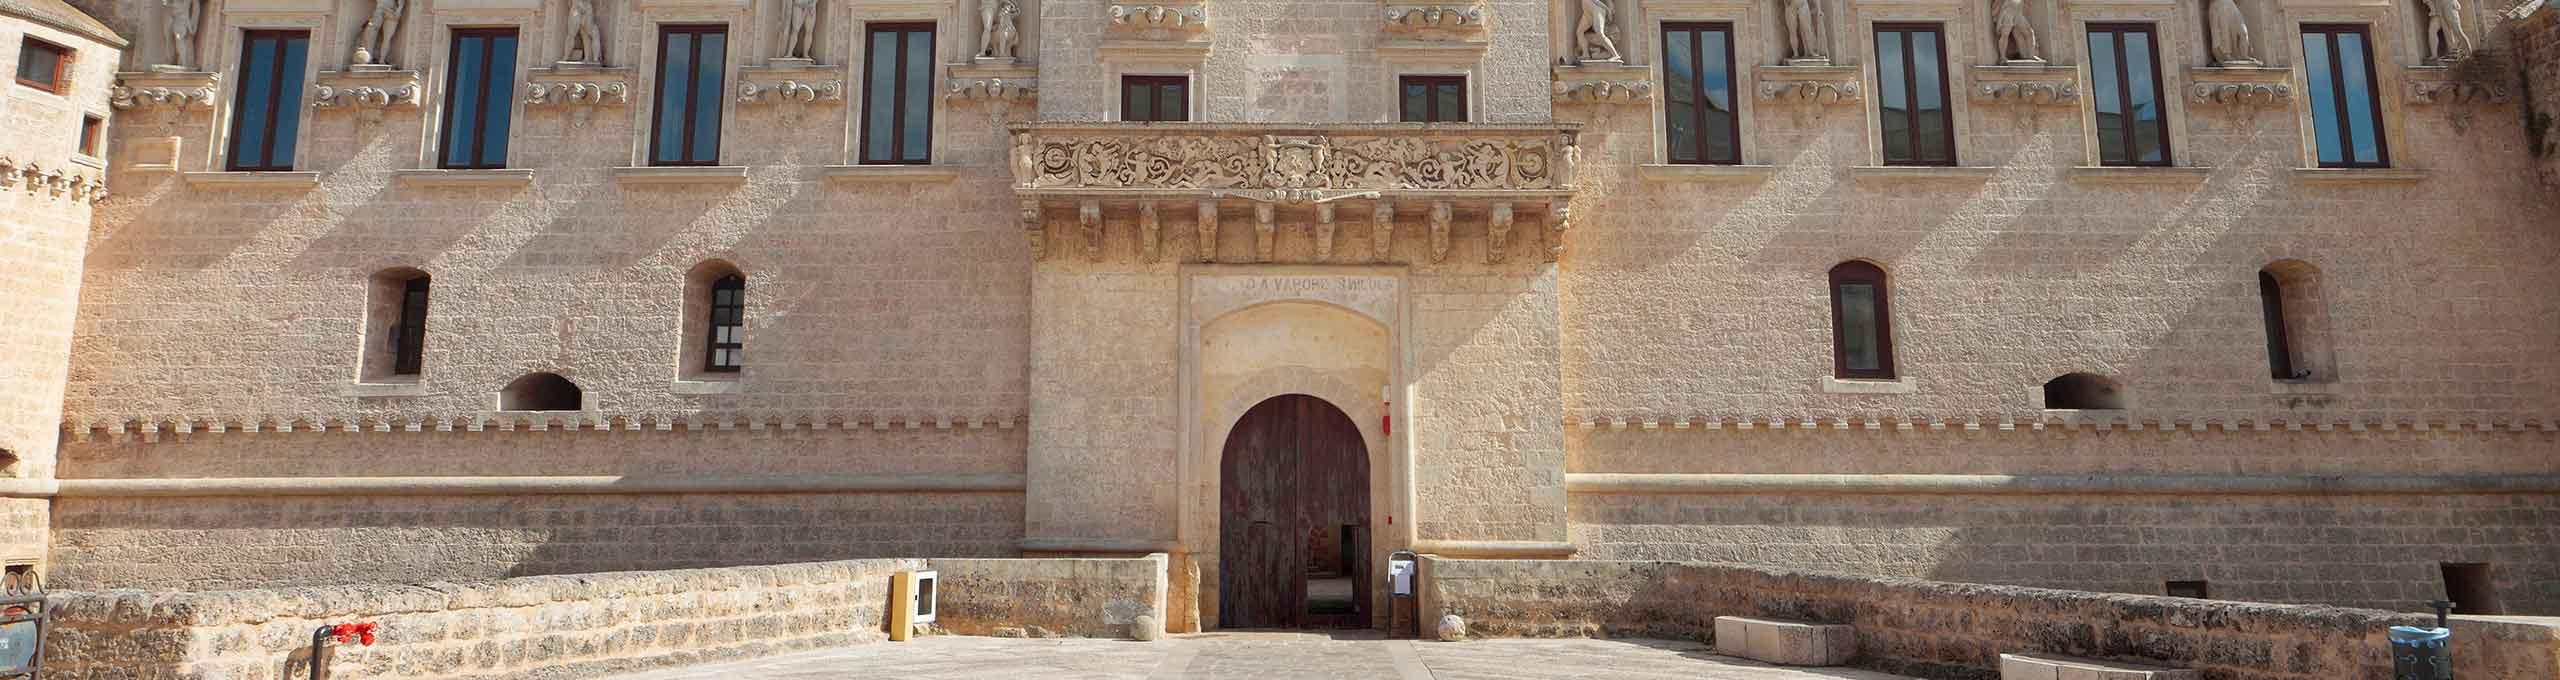 Corigliano D'Otranto, Salento